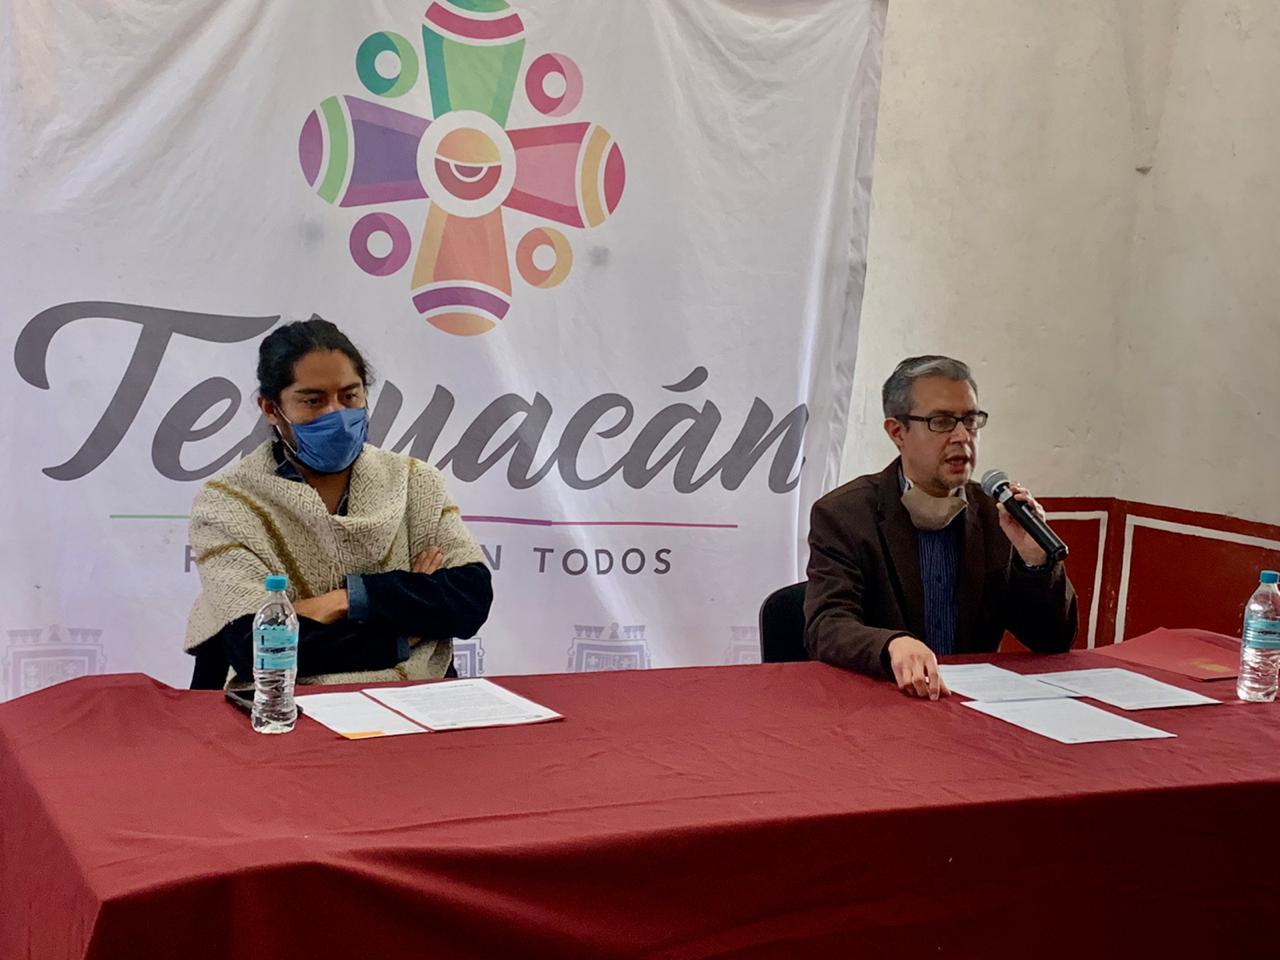 Darán restauración a la escultura de El chivo en Tehuacán